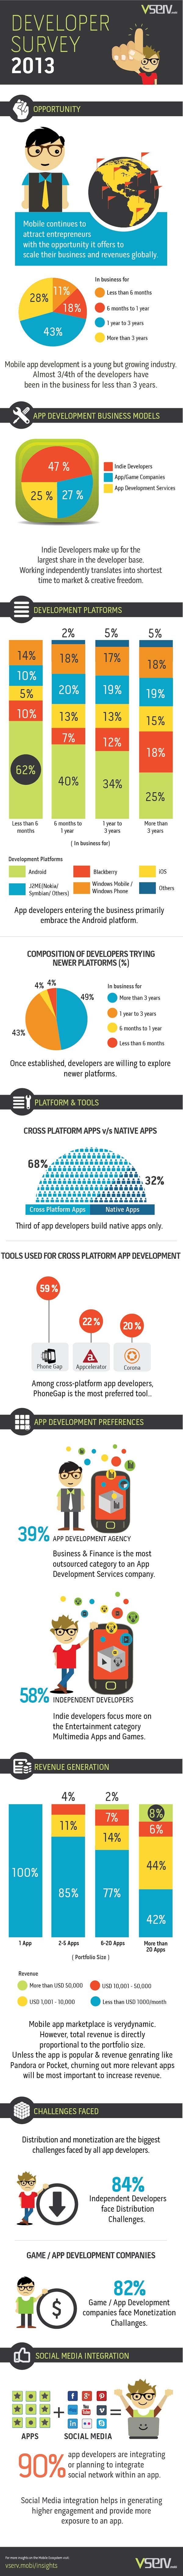 Developer Survey Infographic v2